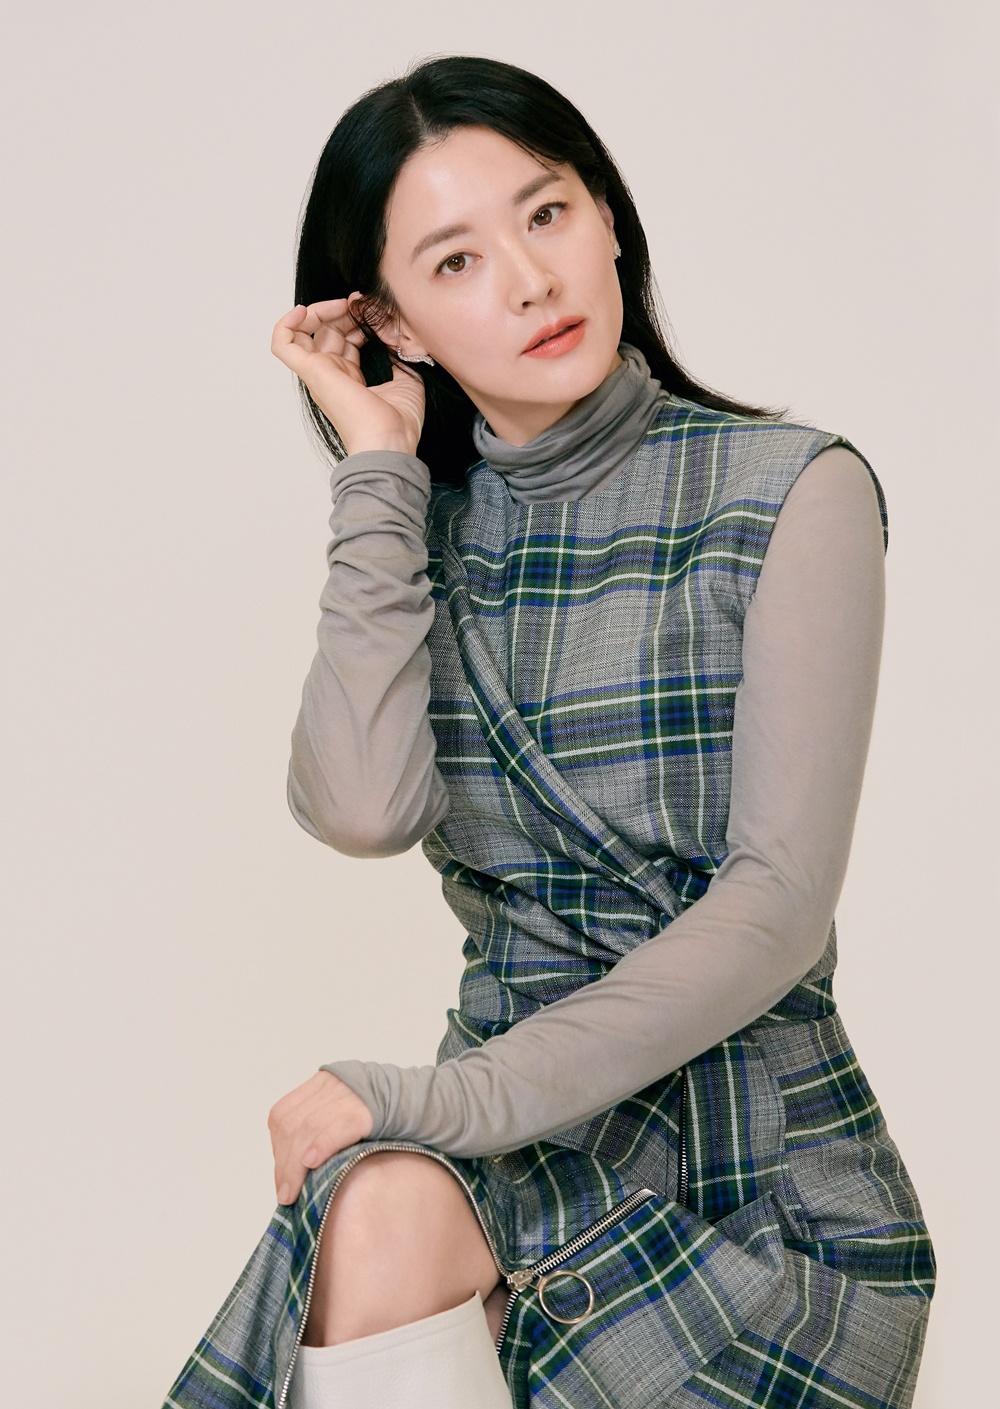 韩国女演员李英爱透露了她爱上防弹少年团的原因